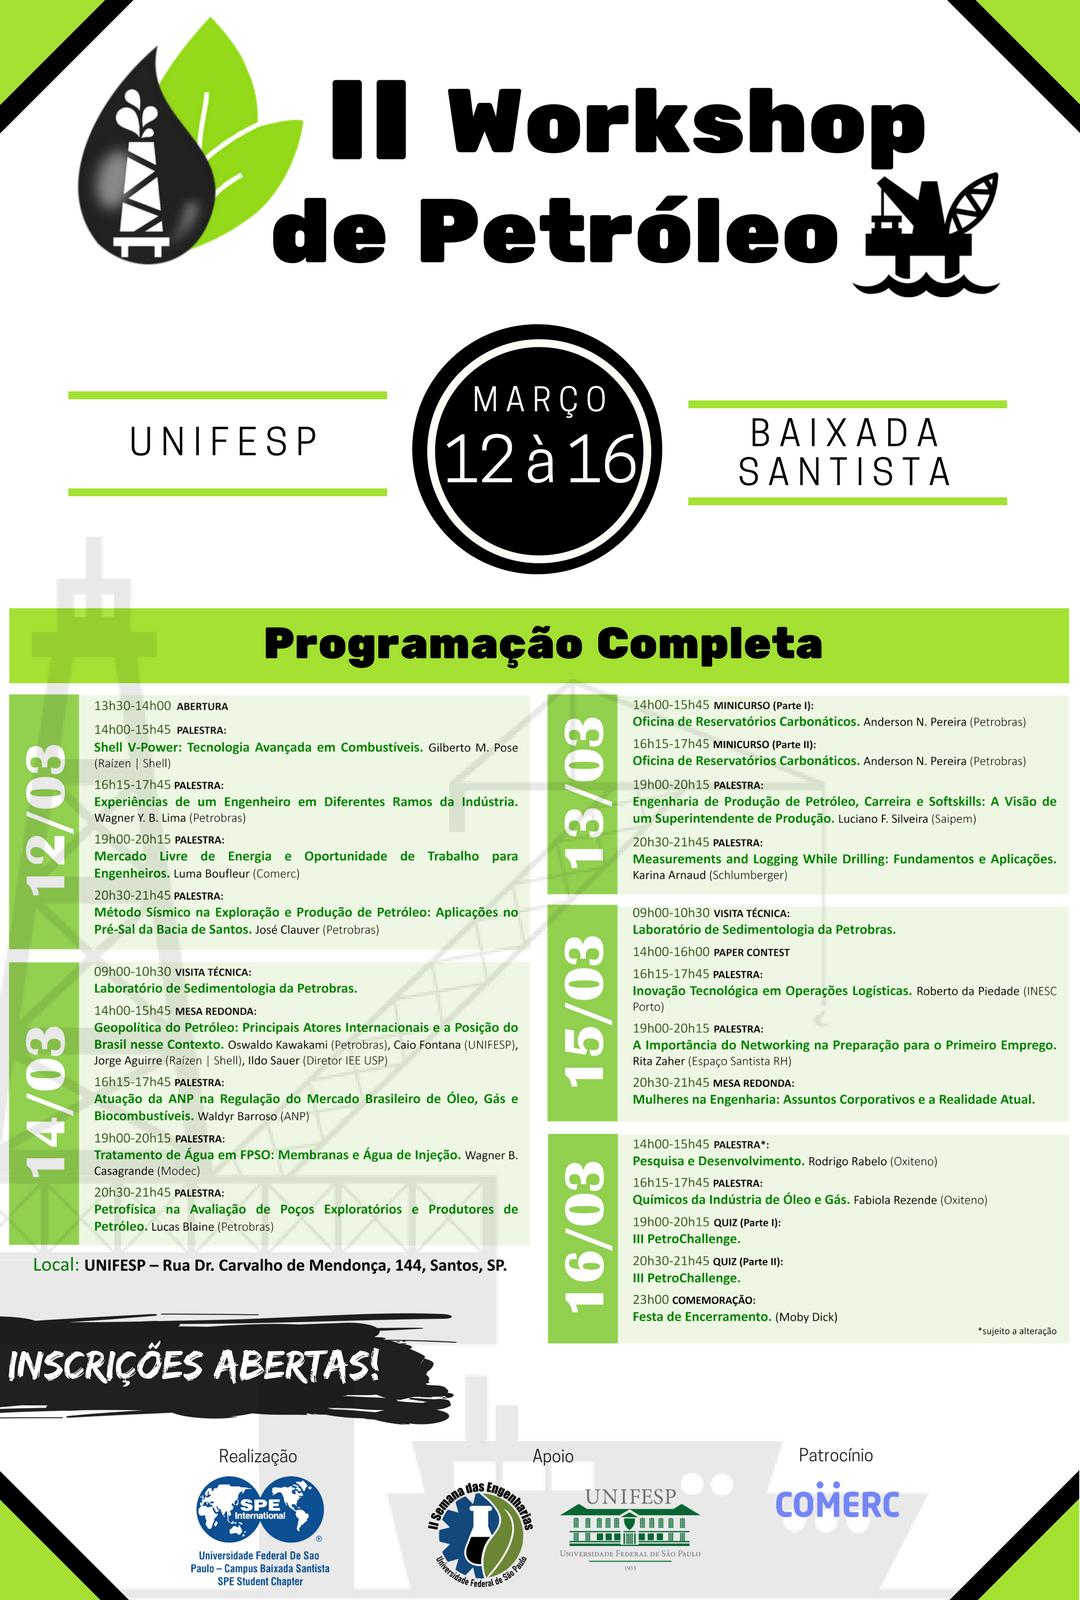 II Workshop de Petróleo da UNIFESP